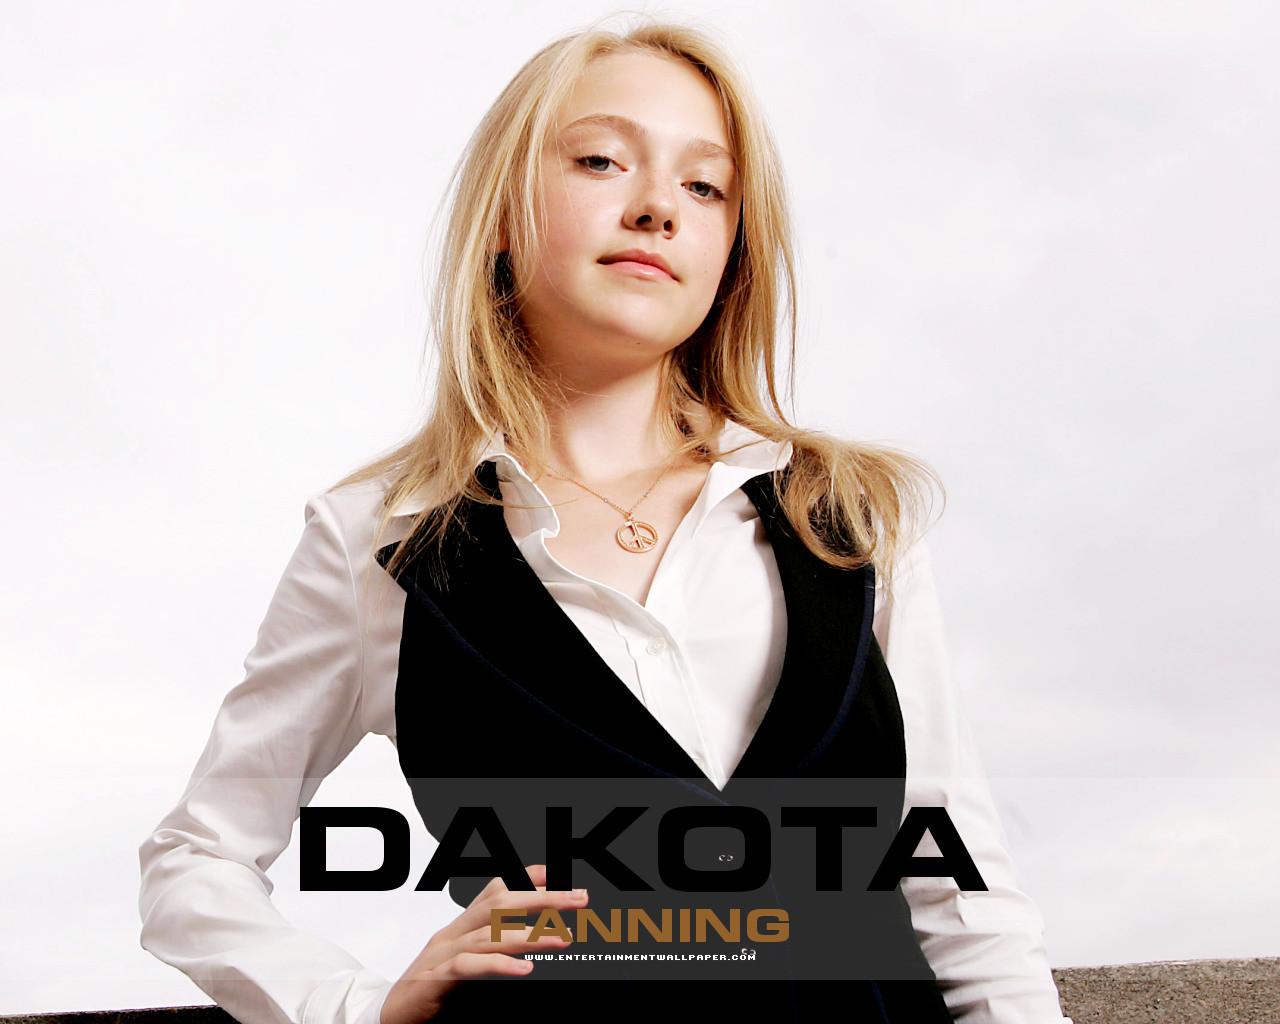 Dakota Fanning,papeis ... Dakota Fanning